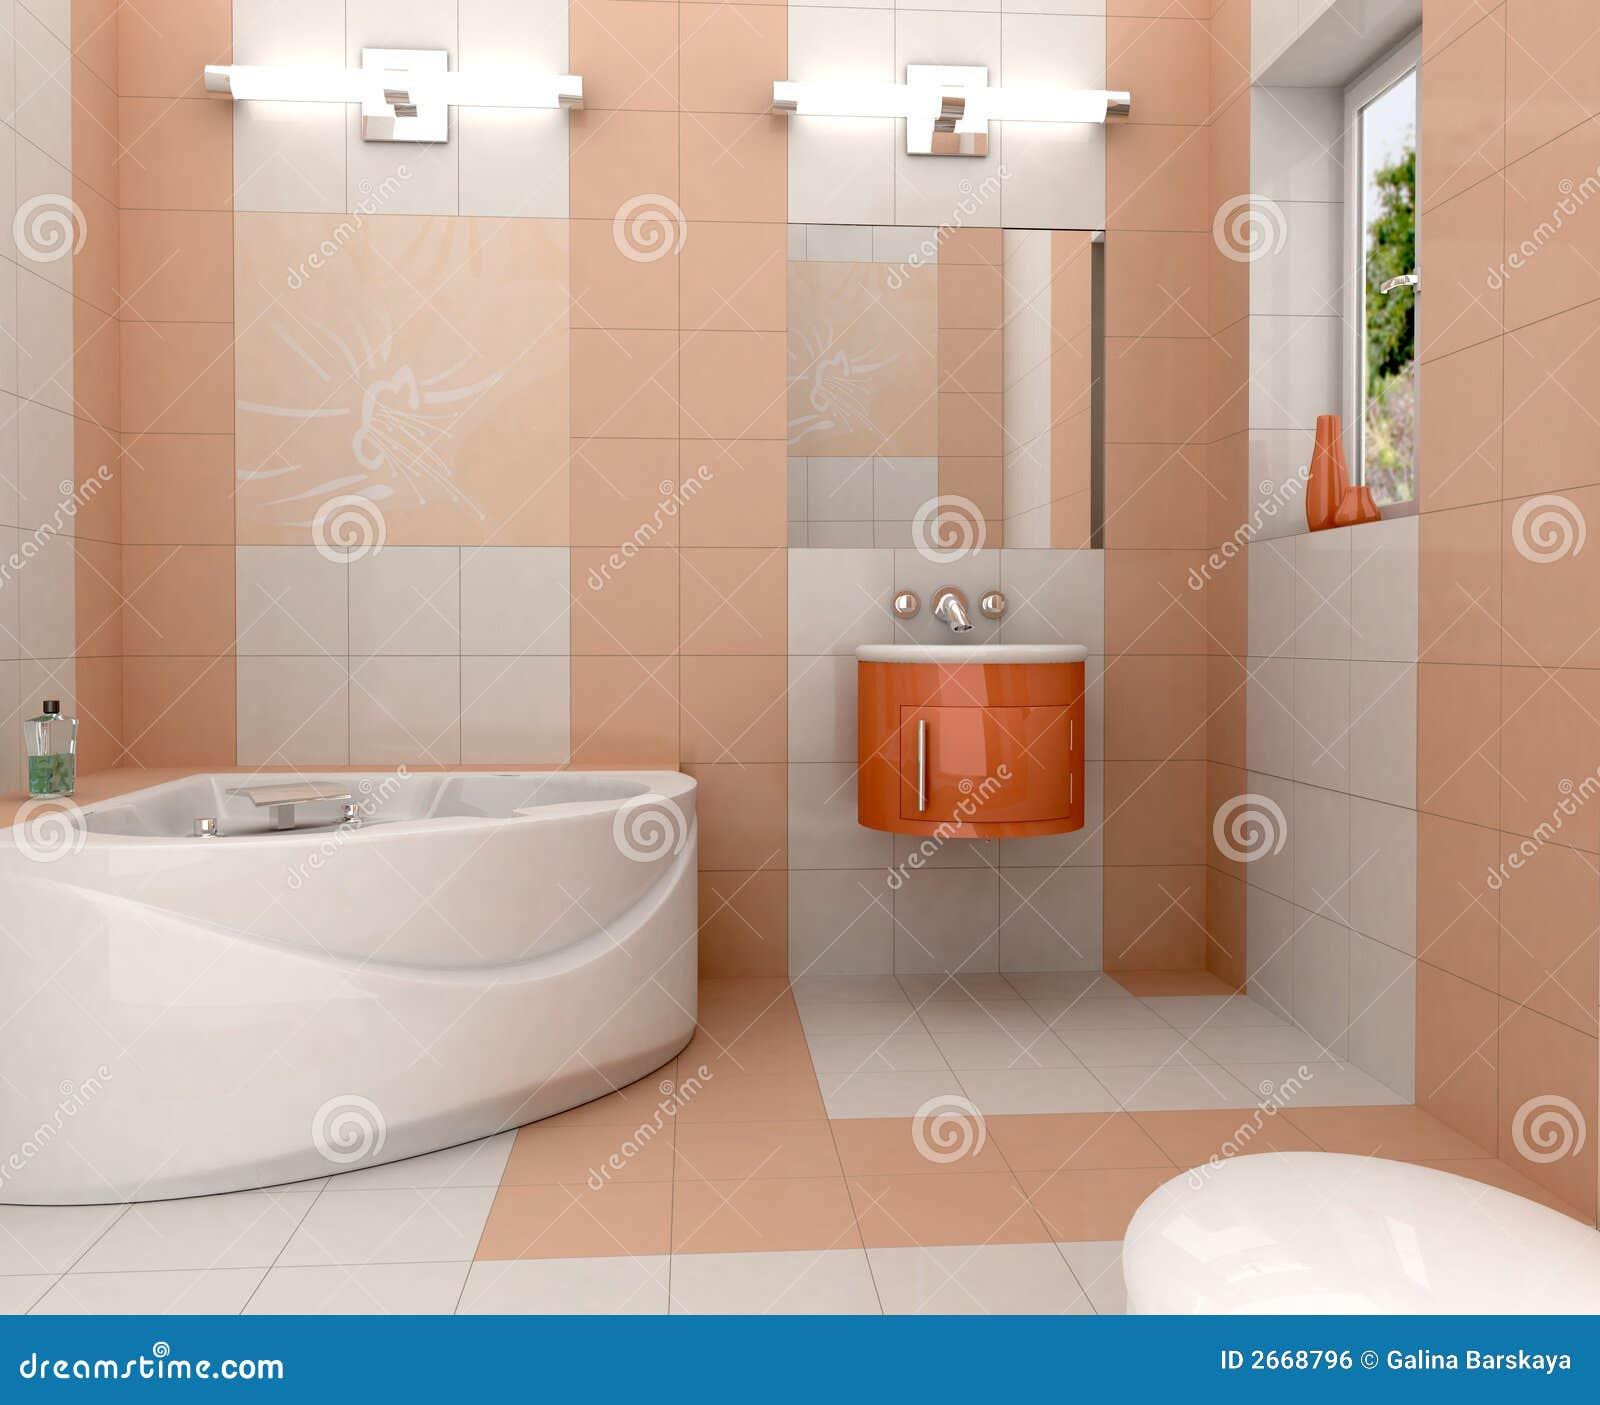 Bagno Arancione, Bagni Viola, Bagni Travertino, Bagni Rustico, msyte.com Idee e foto di ...